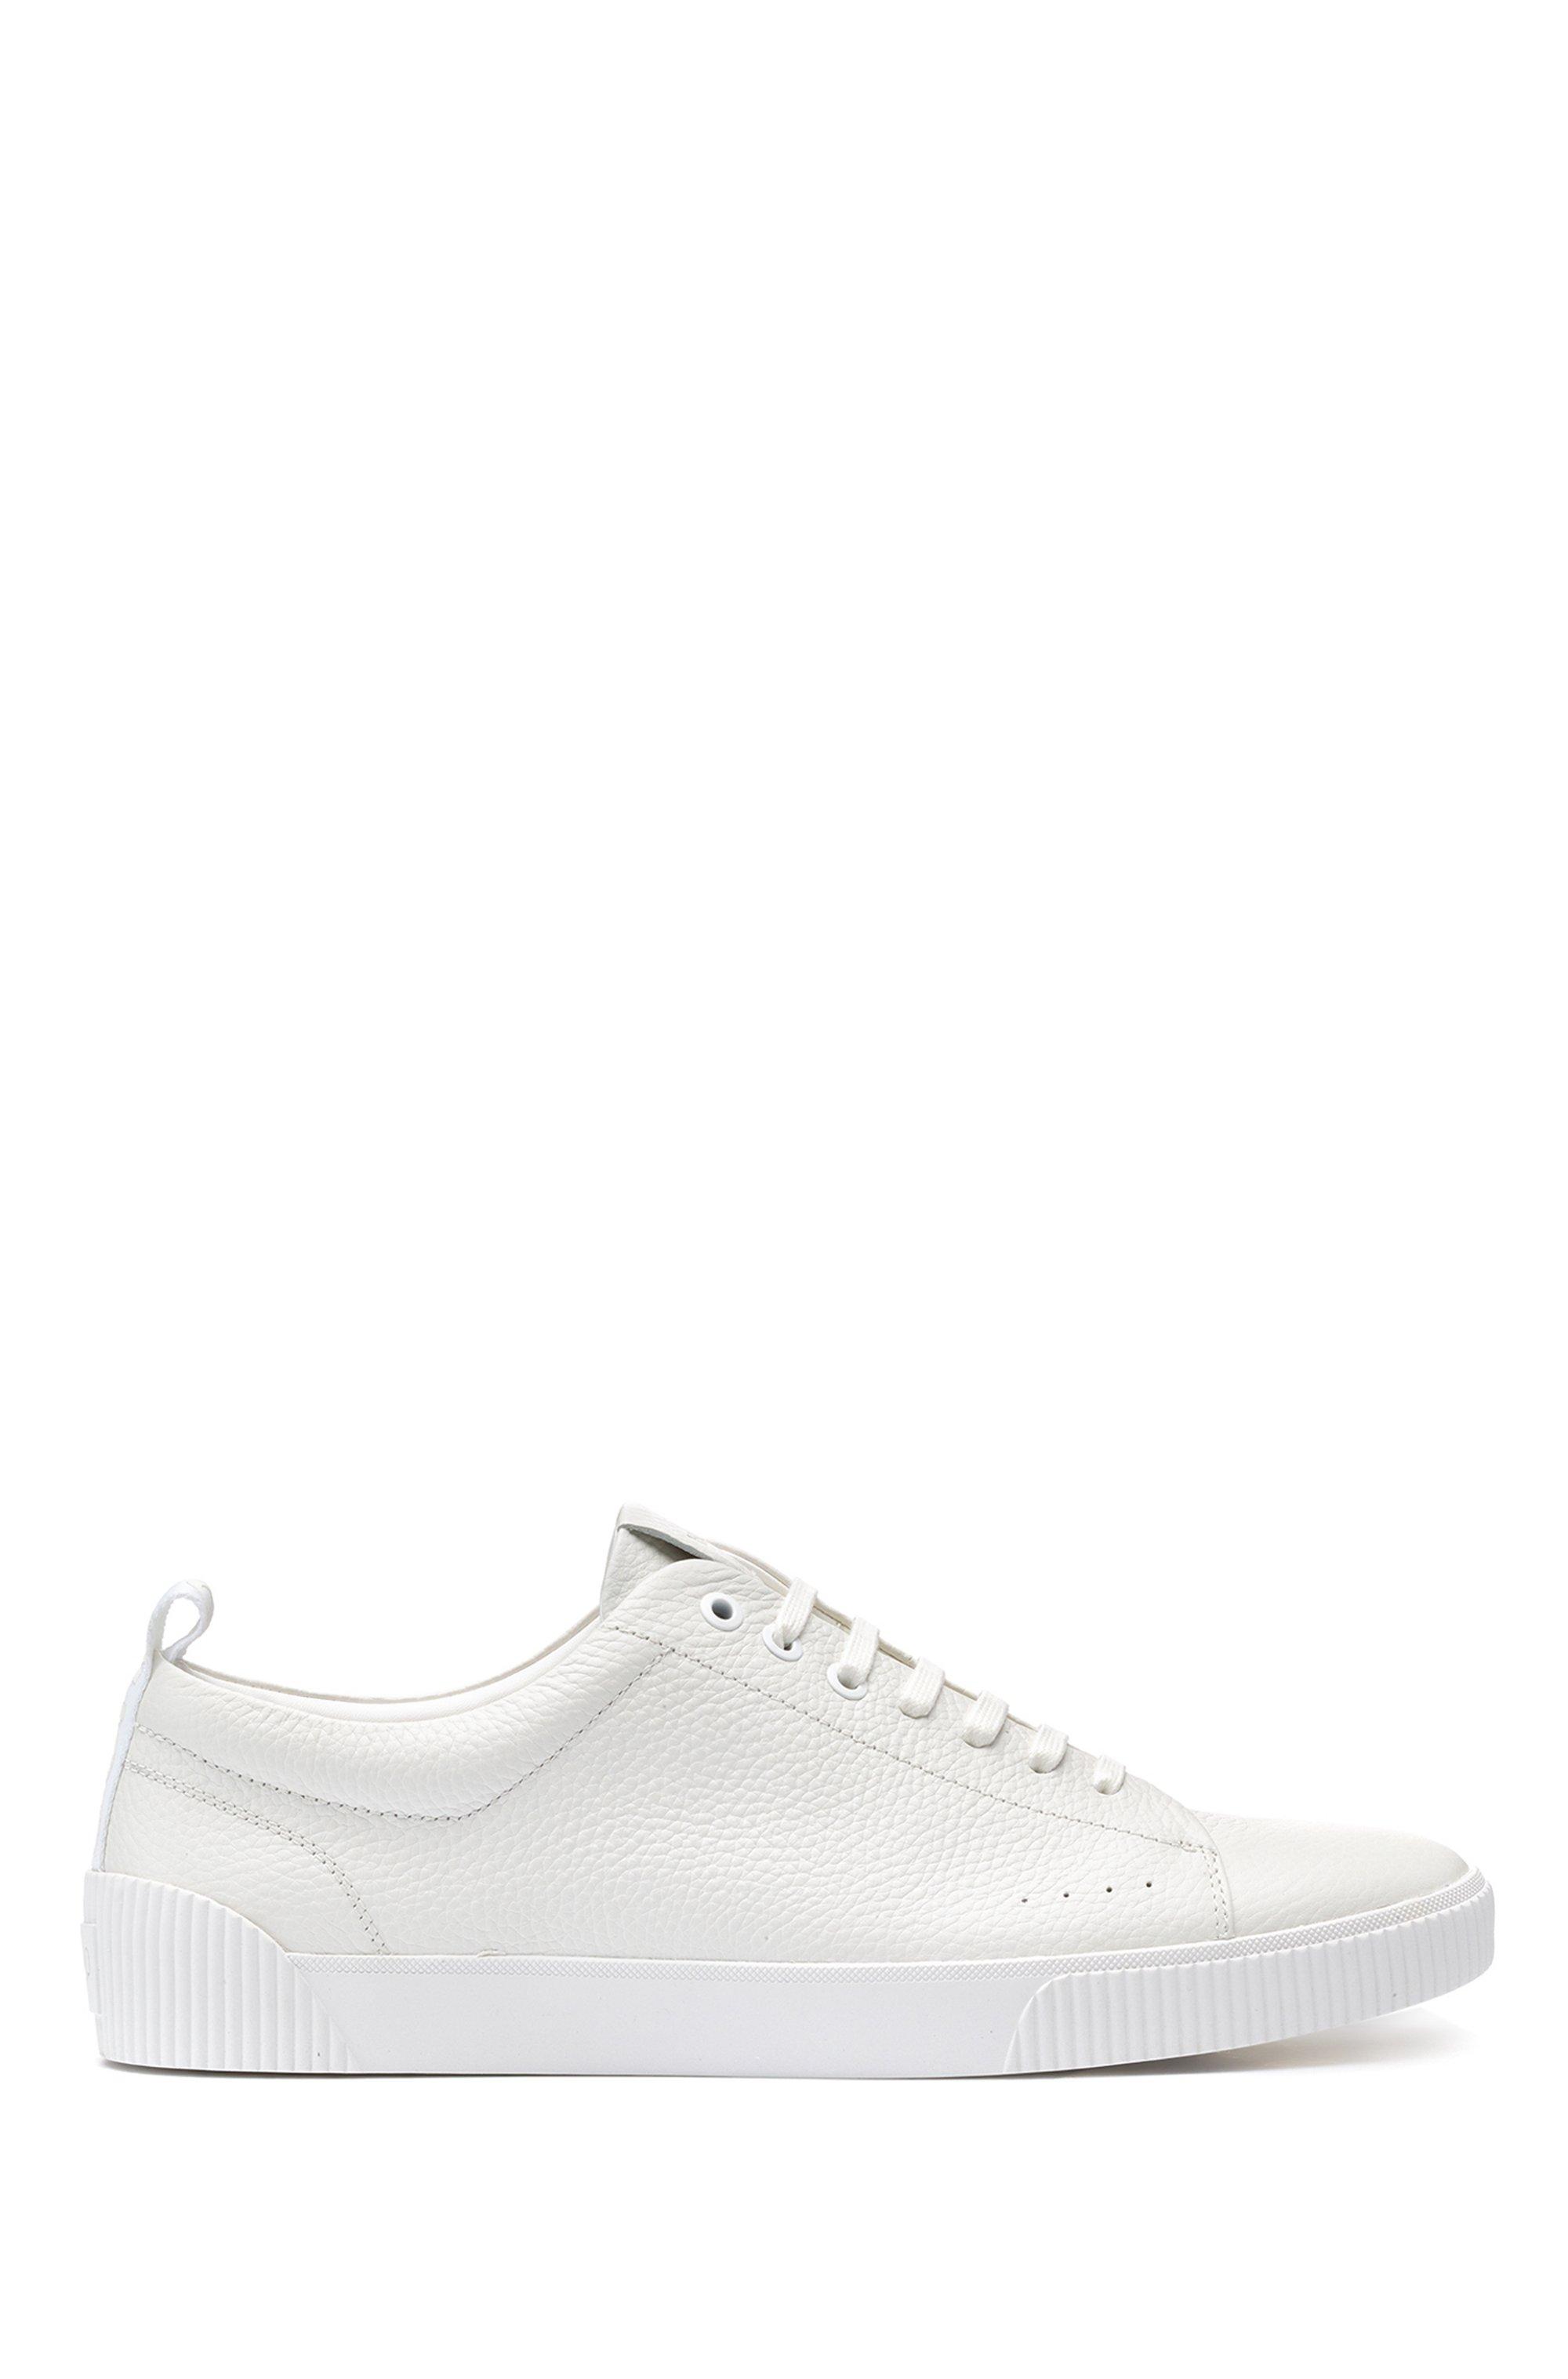 Sneakers aus genarbtem Leder im Tennis-Stil mit Logo-Tape aus Jacquard, Weiß